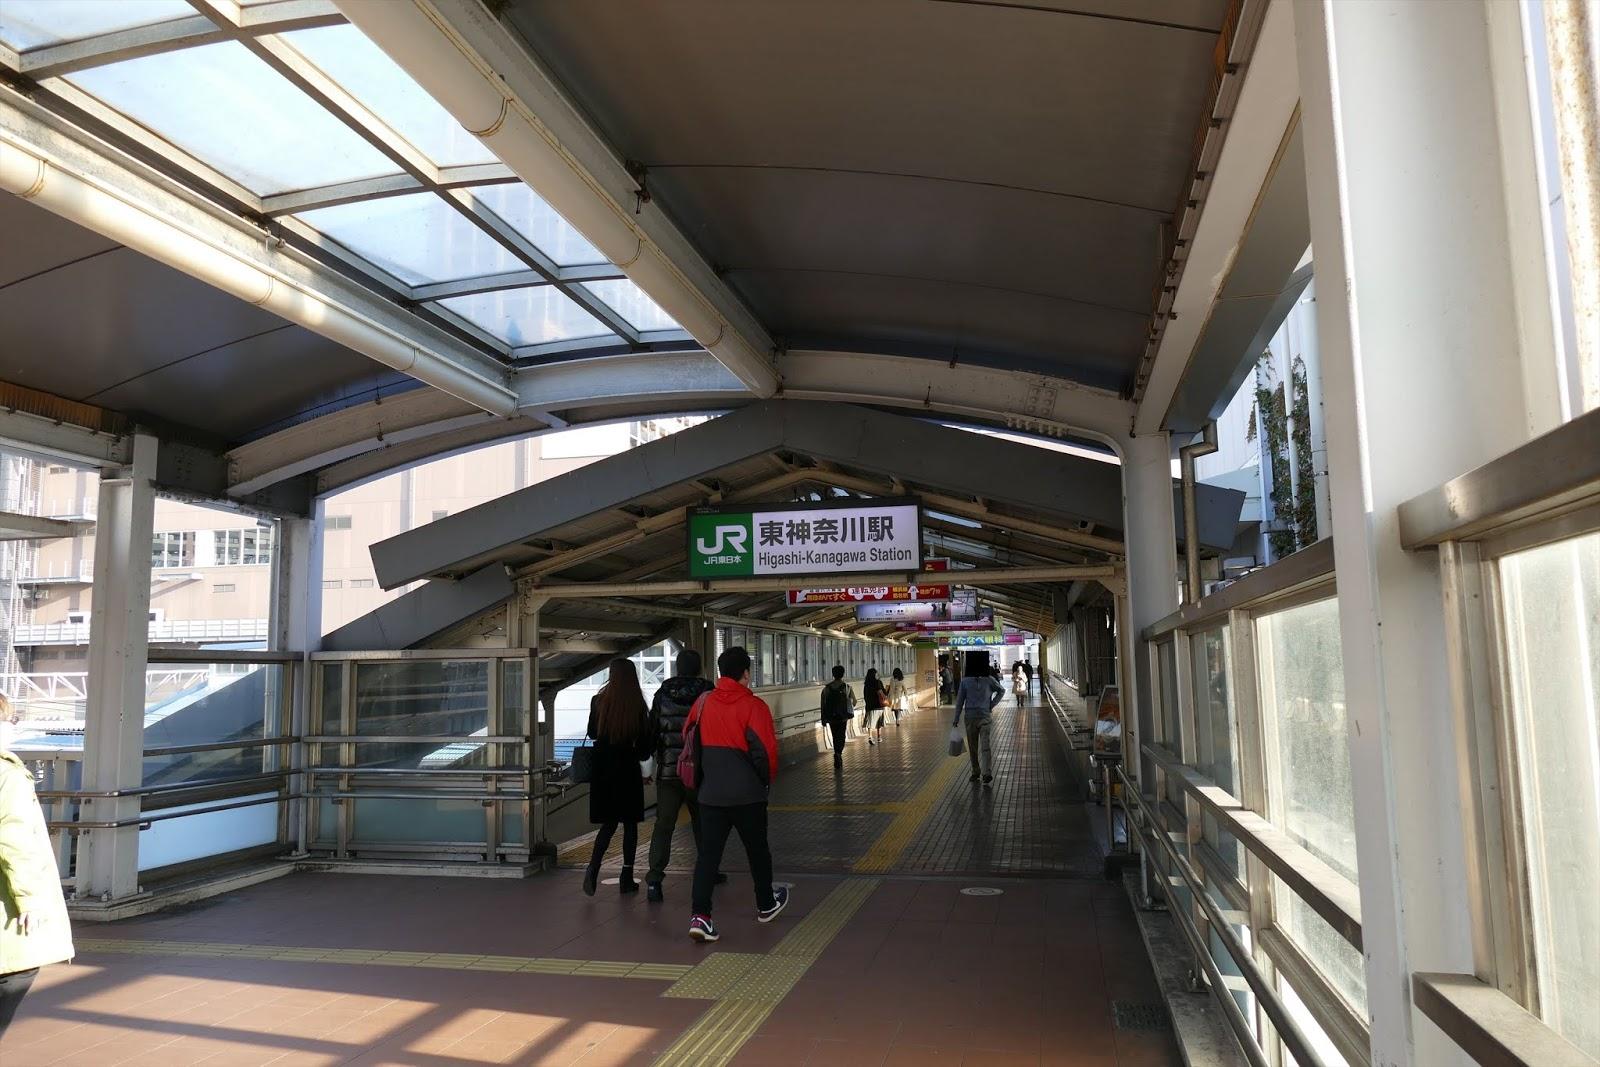 スタイル 神奈川 イオン 東